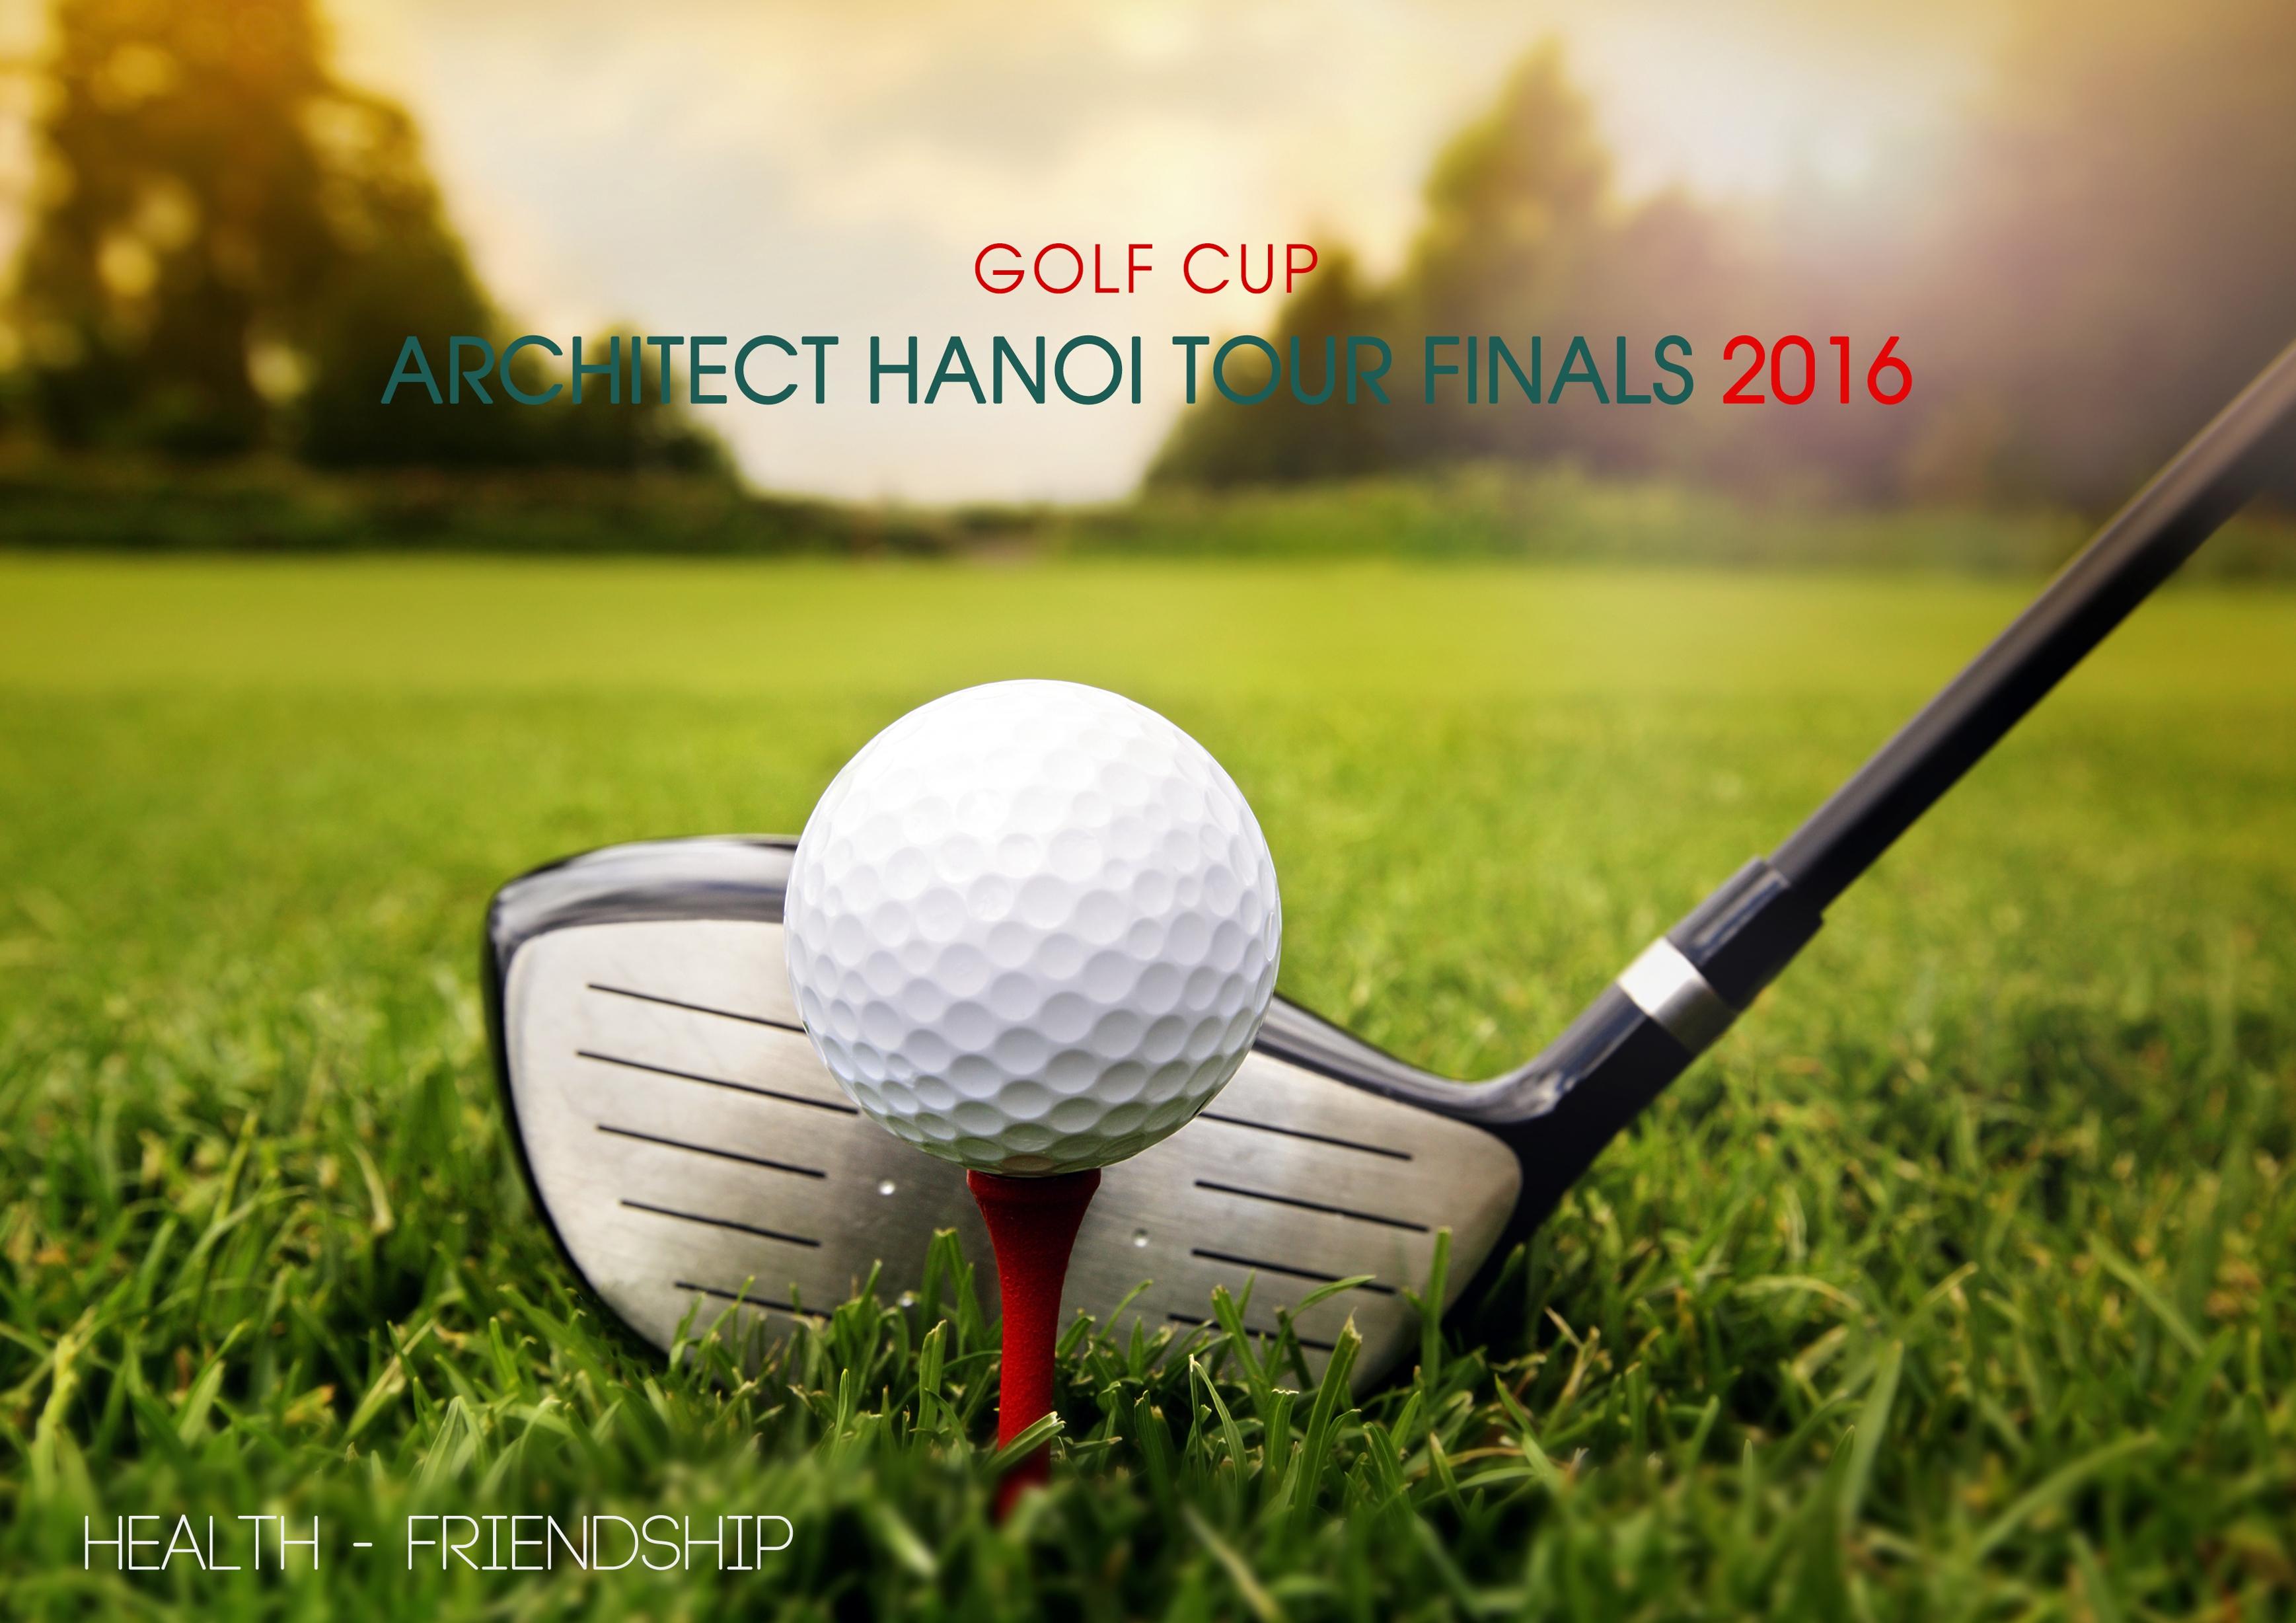 Architect Hanoi Tour Finals 2016-kienviet.net1